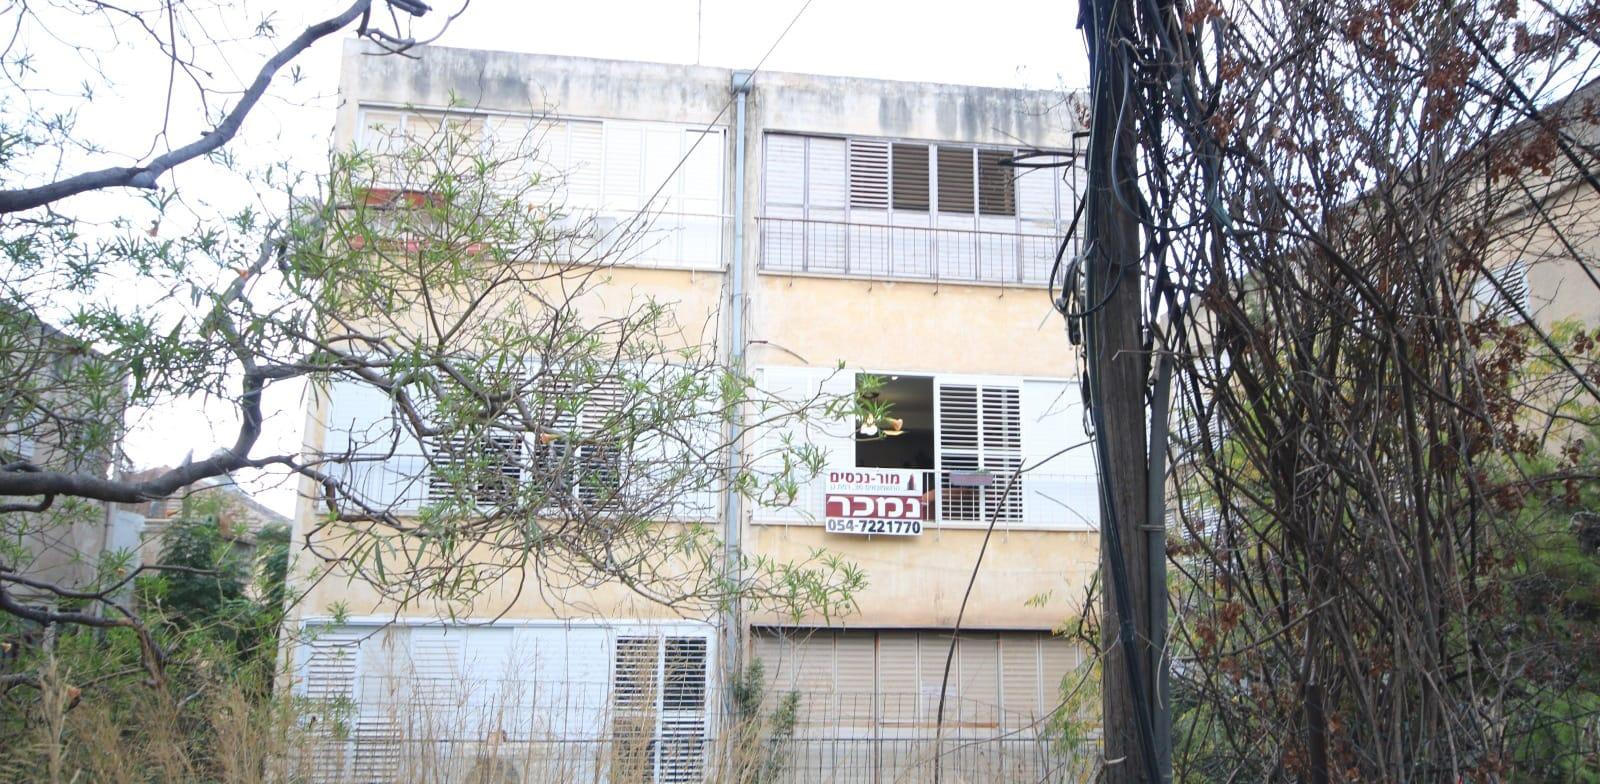 רחוב הרצל 64 ברמת גן / צילום: צח בן בסת